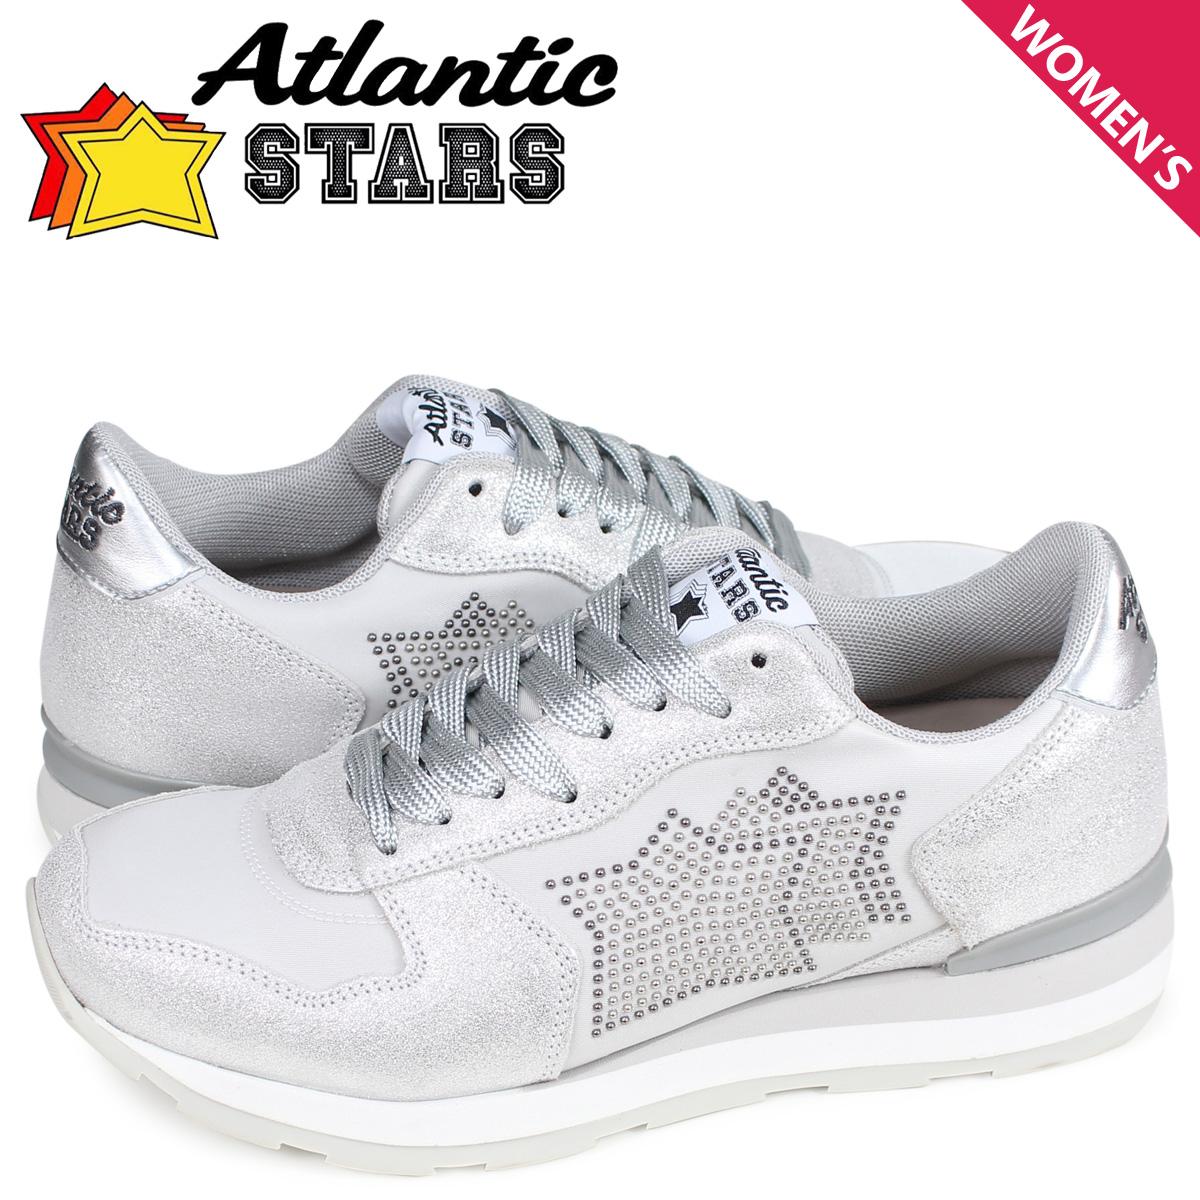 アトランティックスターズ Atlantic STARS ベガ スニーカー レディース VEGA ライト グレー BO2-86GR [4/13 再入荷]